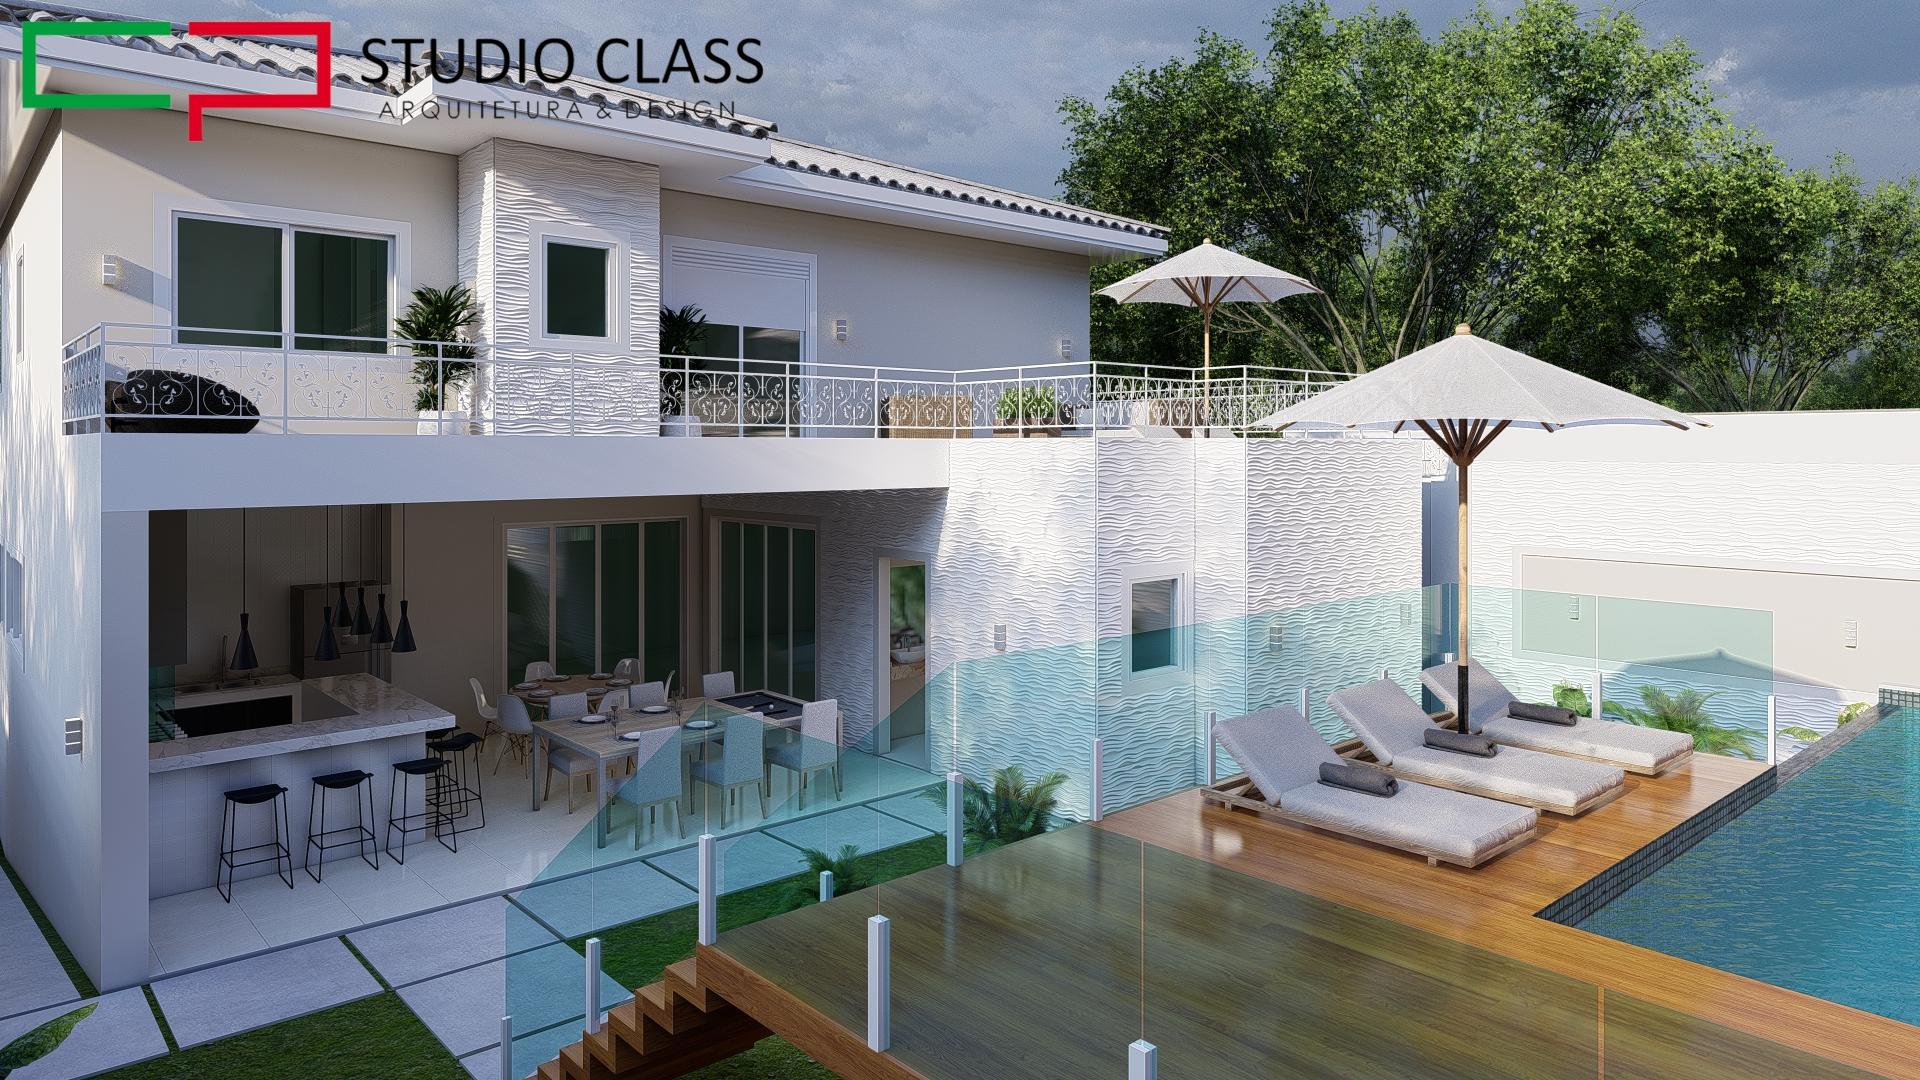 casa rustica tradiciona classica terreno aclive fundo alto